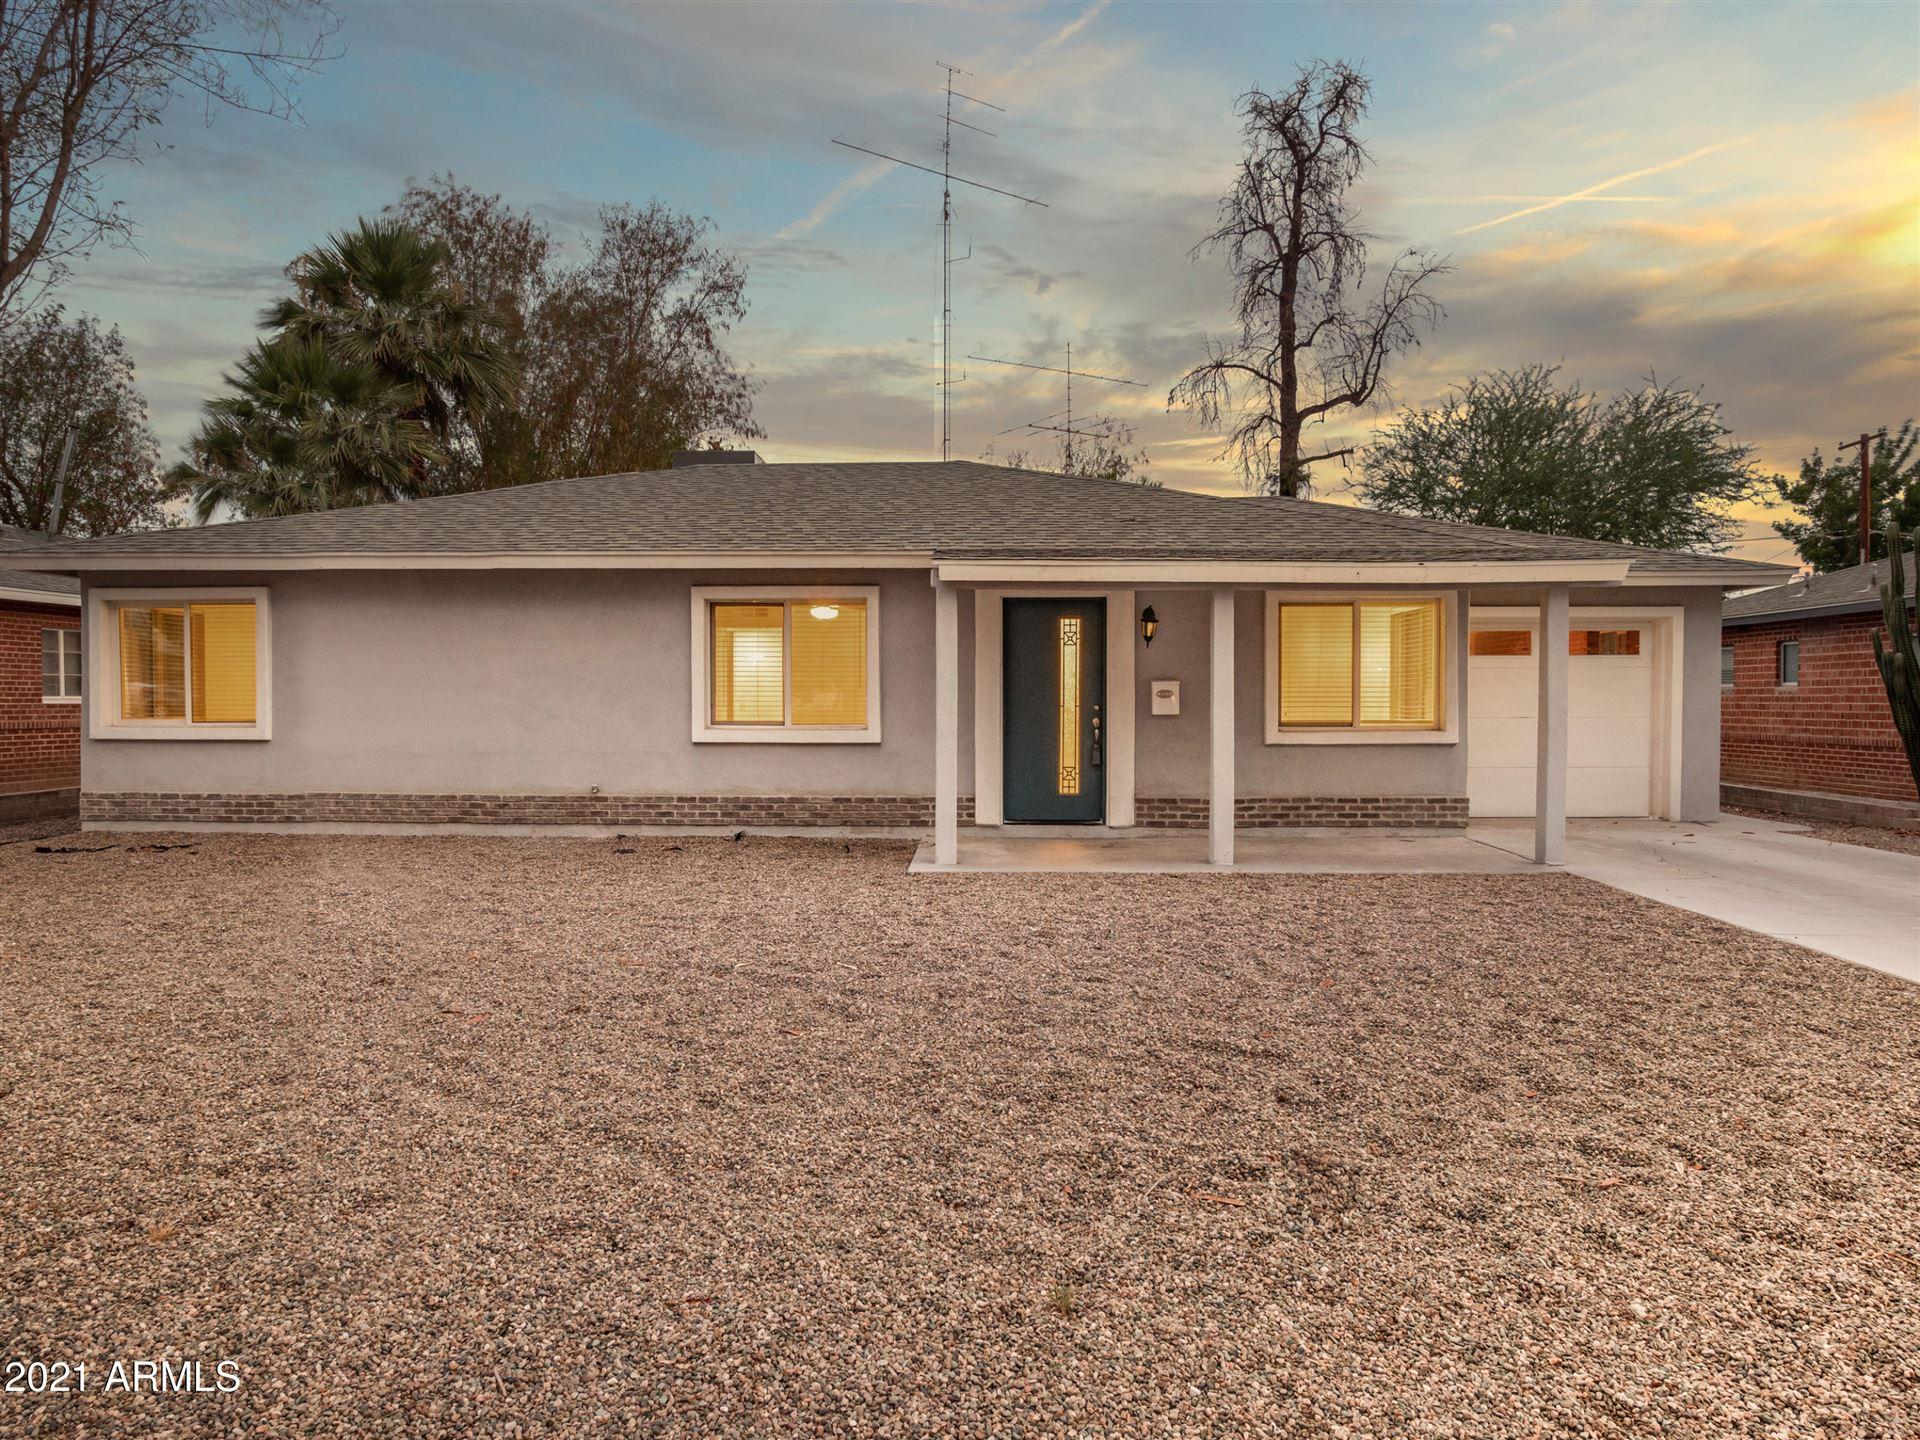 2539 E GLENROSA Avenue, Phoenix, AZ 85016 - MLS#: 6299090